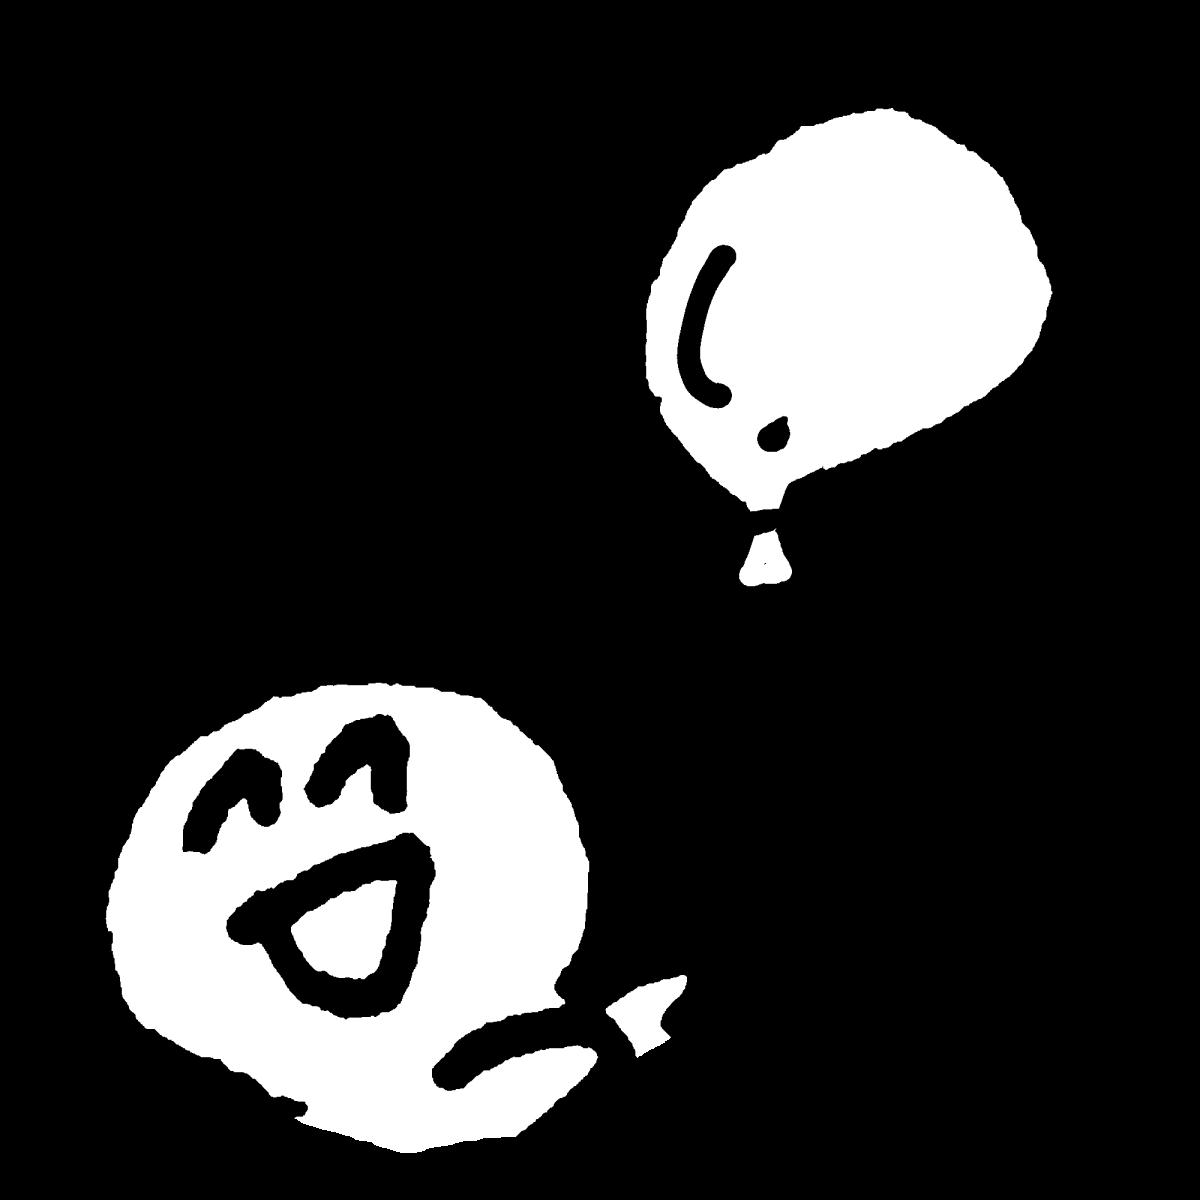 風船を持つ1のイラスト With Balloon1  Illustration